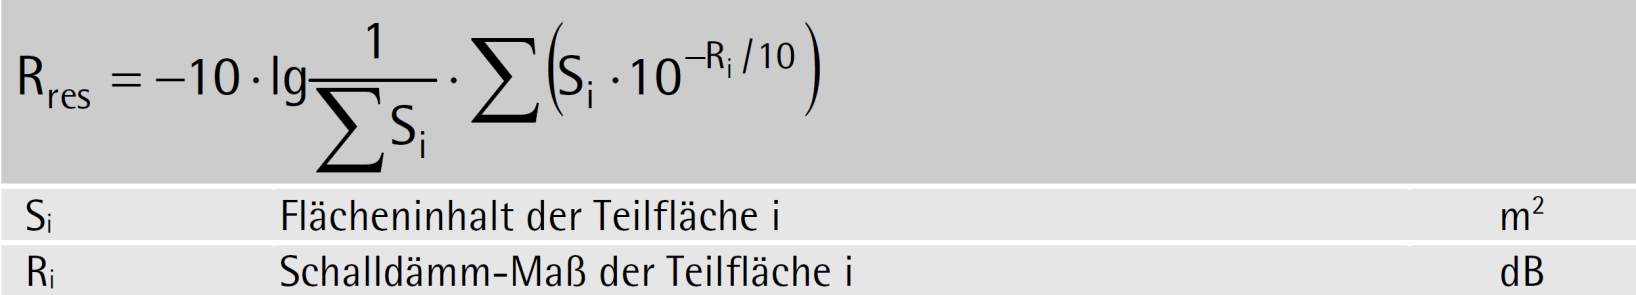 Formel (3-17)